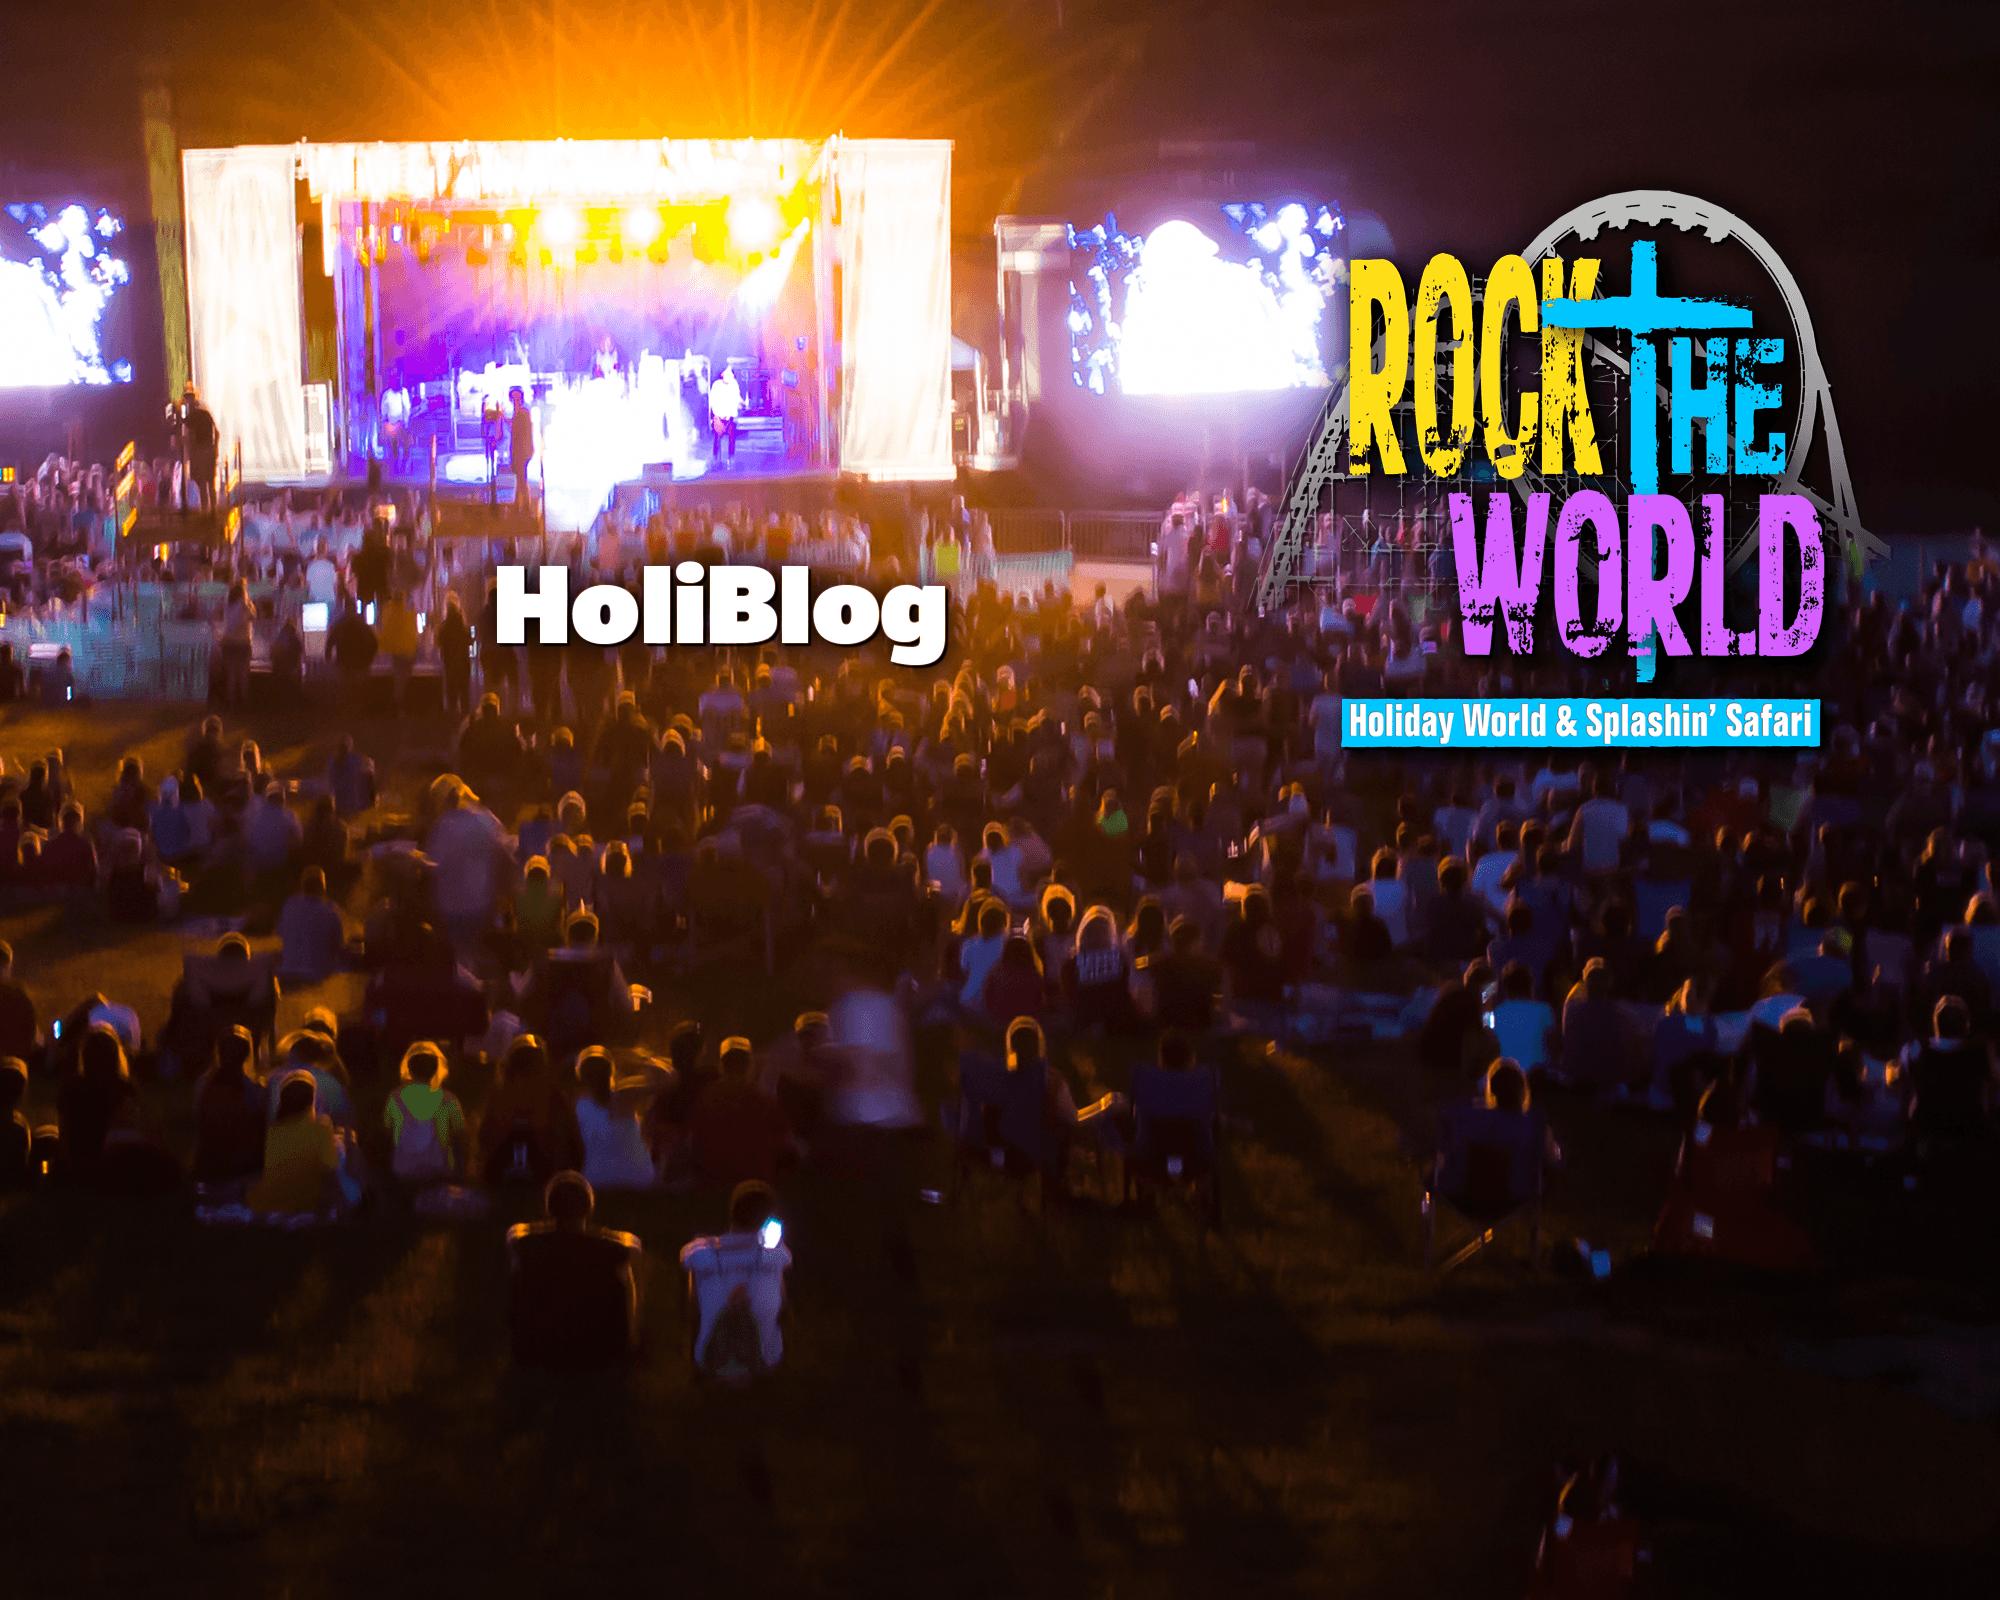 Holiblog - Rock the World | Holiday World & Splashin' Safari